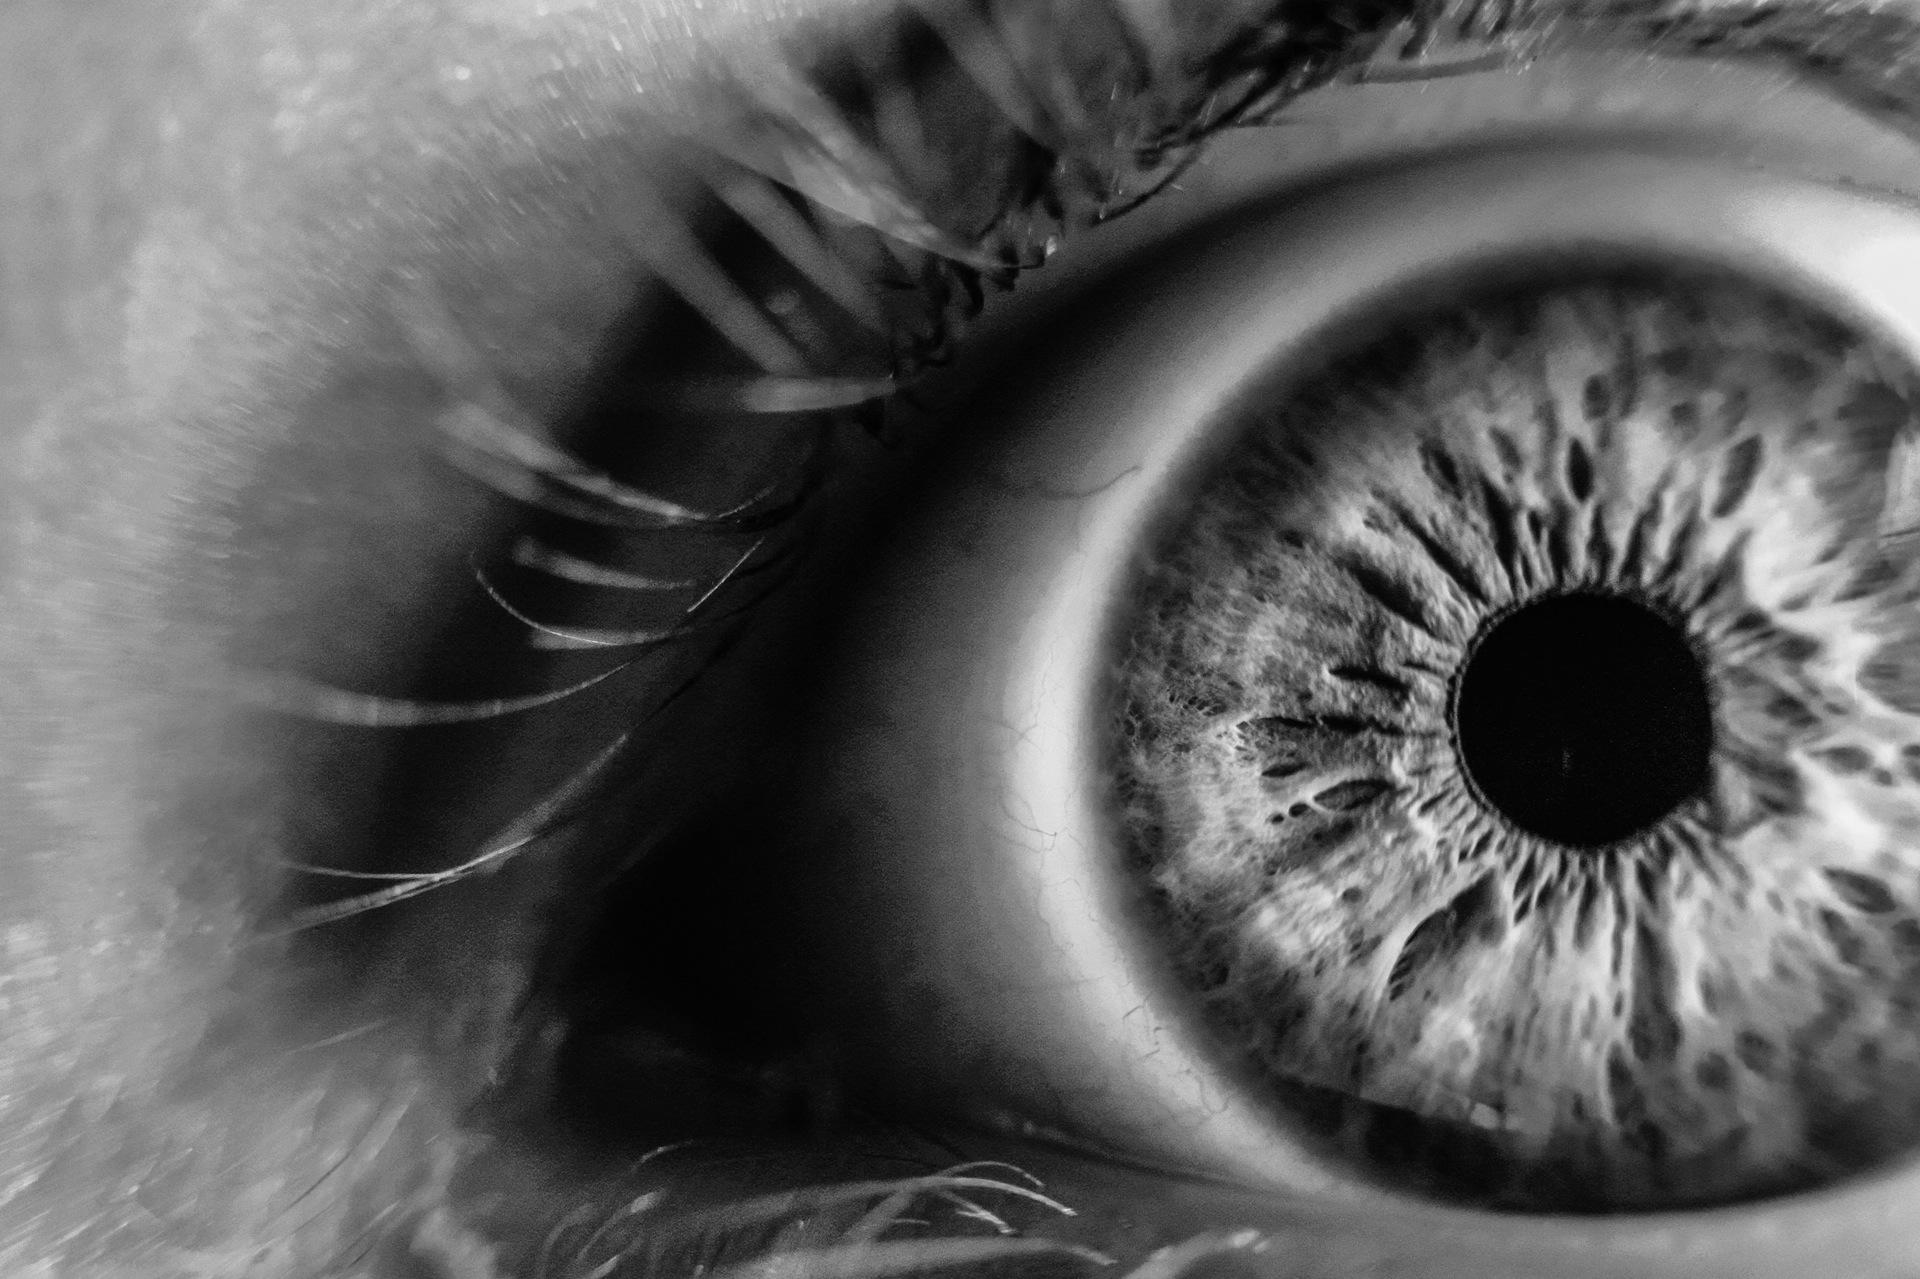 Tamron travaille sur un capteur photo plus performant que l'œil humain